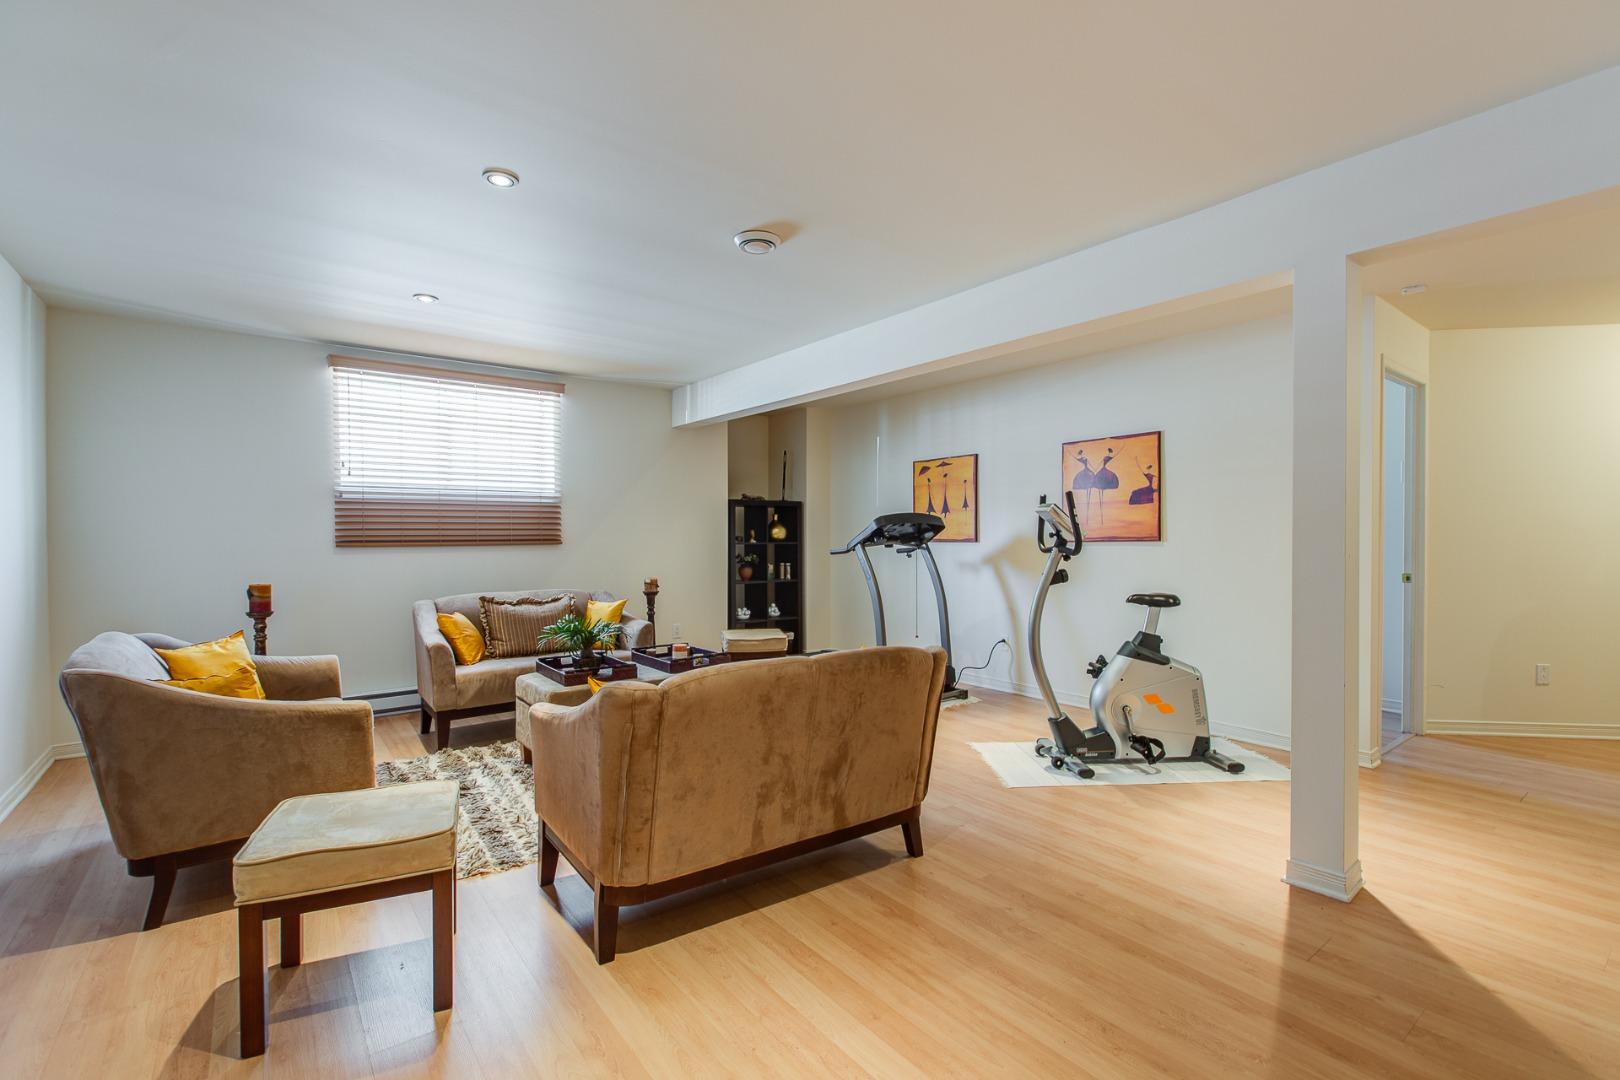 Maison à vendre Laval Fabreville - Salle familiale